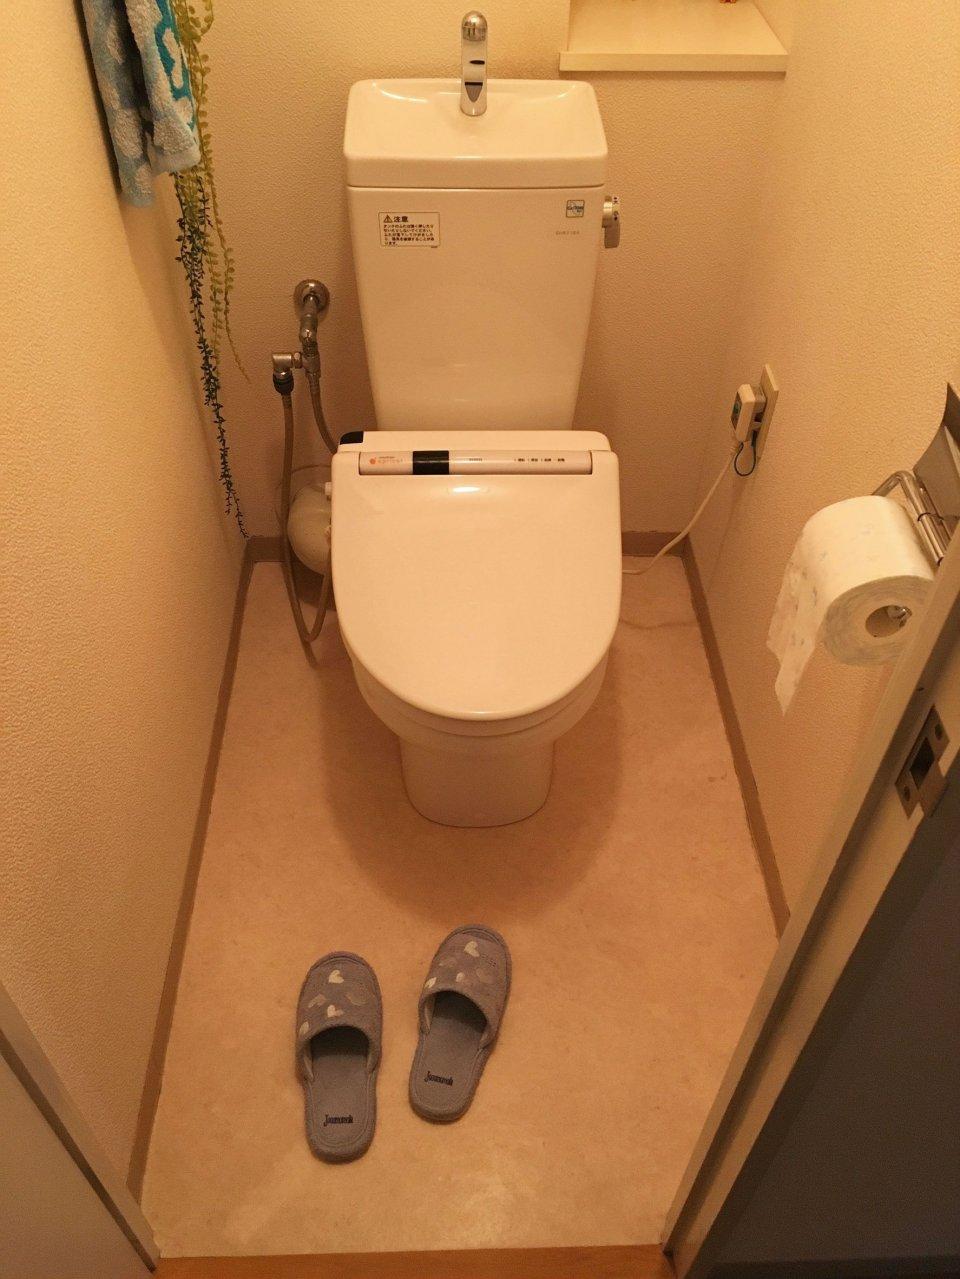 ナタリーレテの壁紙がインパクト大のポップなトイレ空間 施工事例